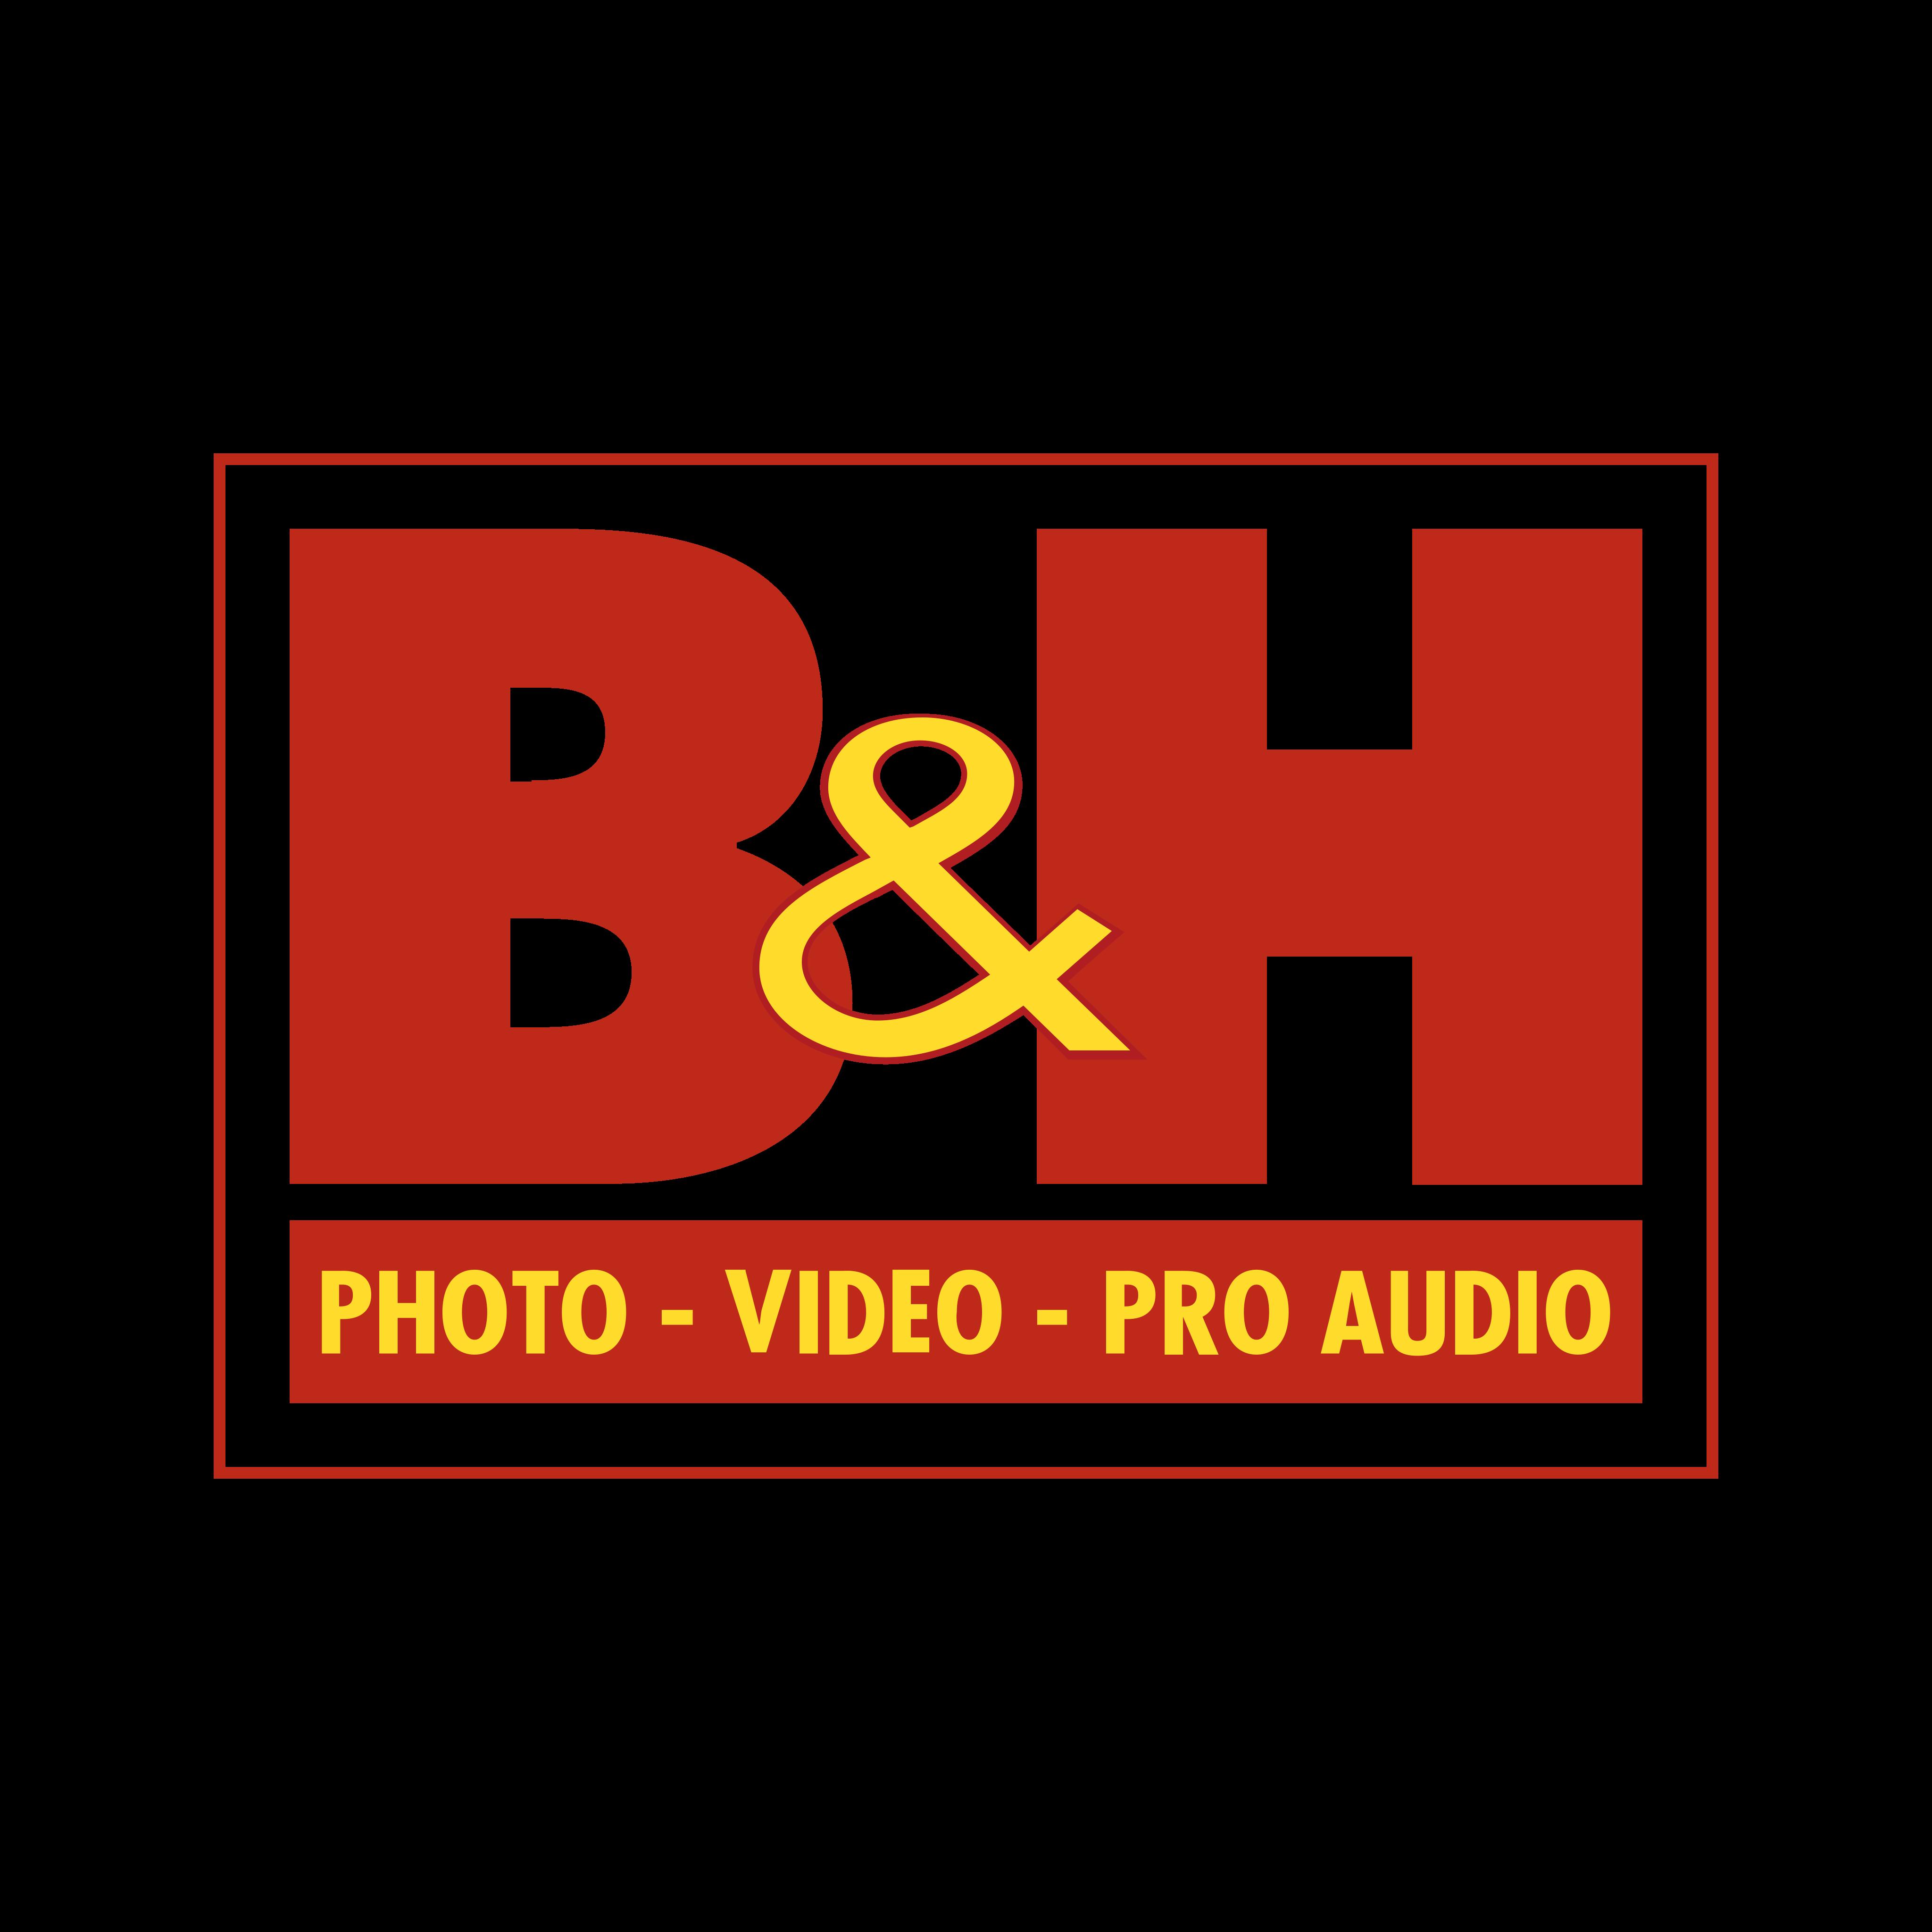 bh logo 0 - B&H Logo